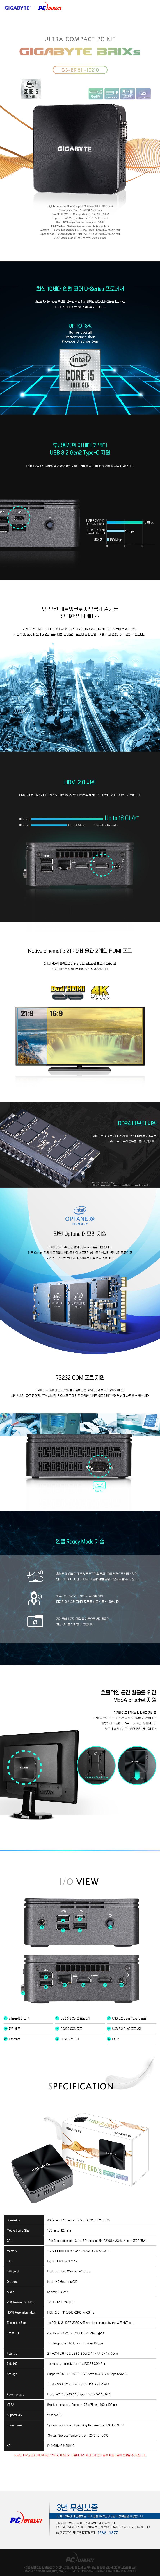 GIGABYTE BRIX GB-BRi5H-10210 SSD 피씨디렉트 (16GB, SSD 512GB)